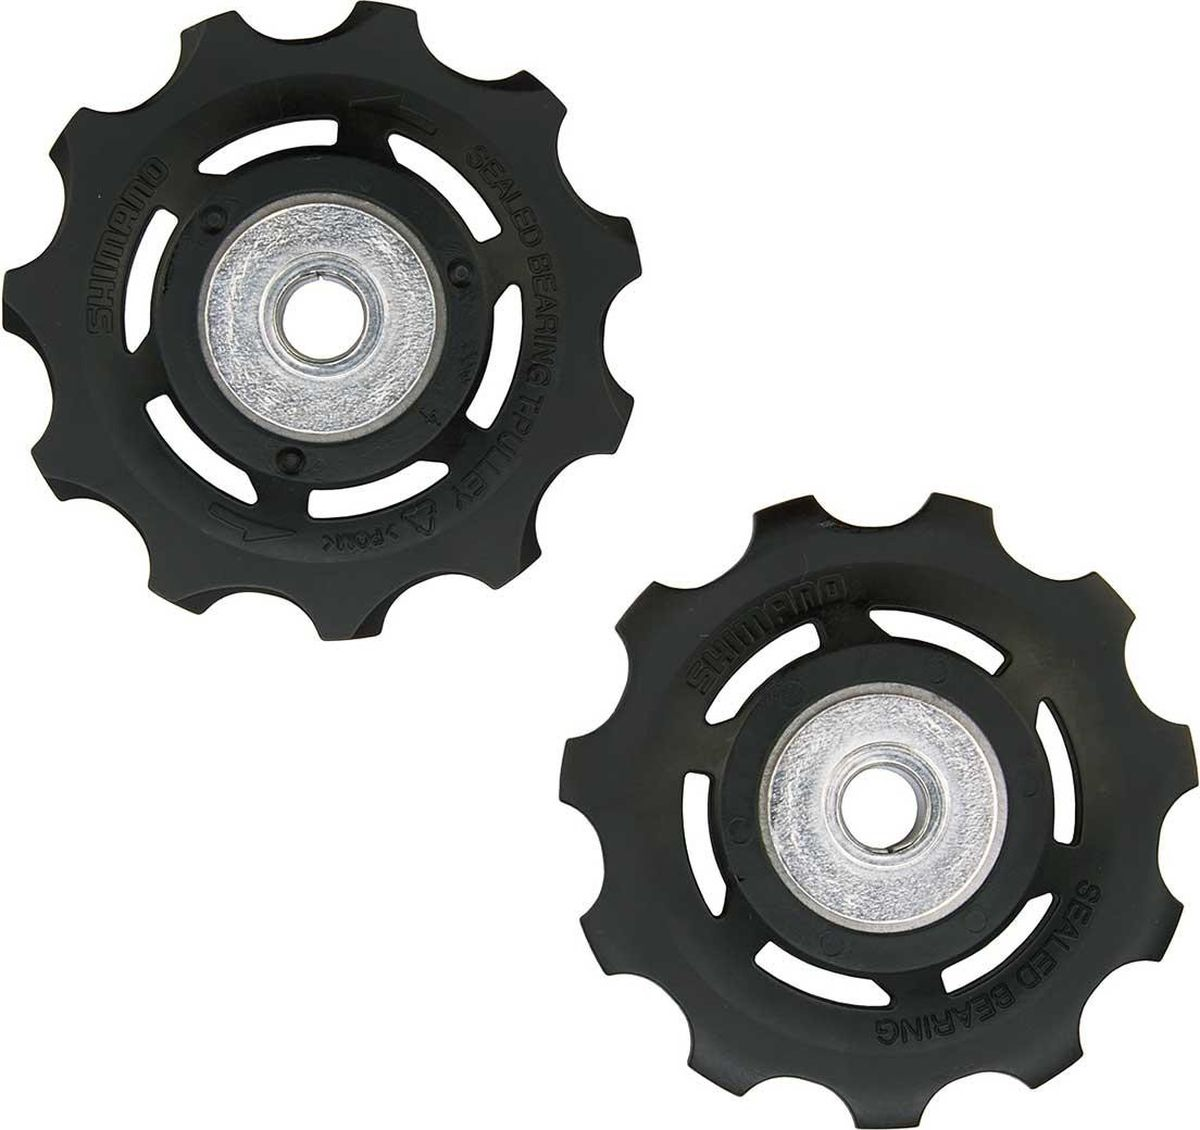 Ролики Shimano, 11 скоростей, верхние и нижние, к RD-6800/6870 ролики бикини